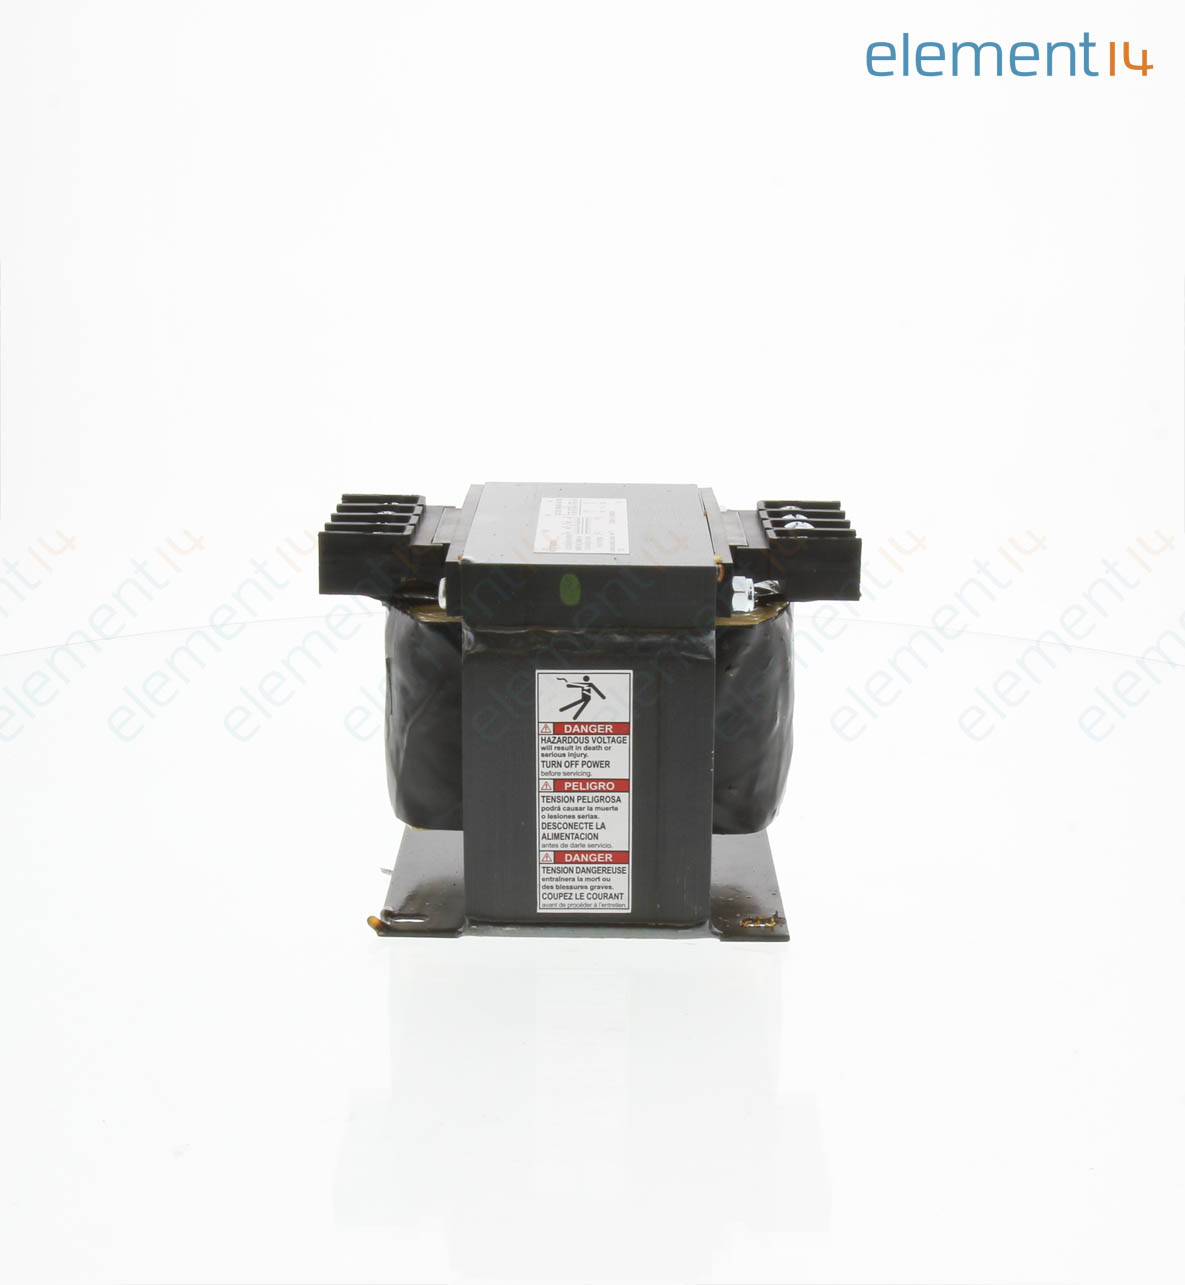 Isolation Transformer, Single Phase, 500 VA, 110V, 115V, 120V